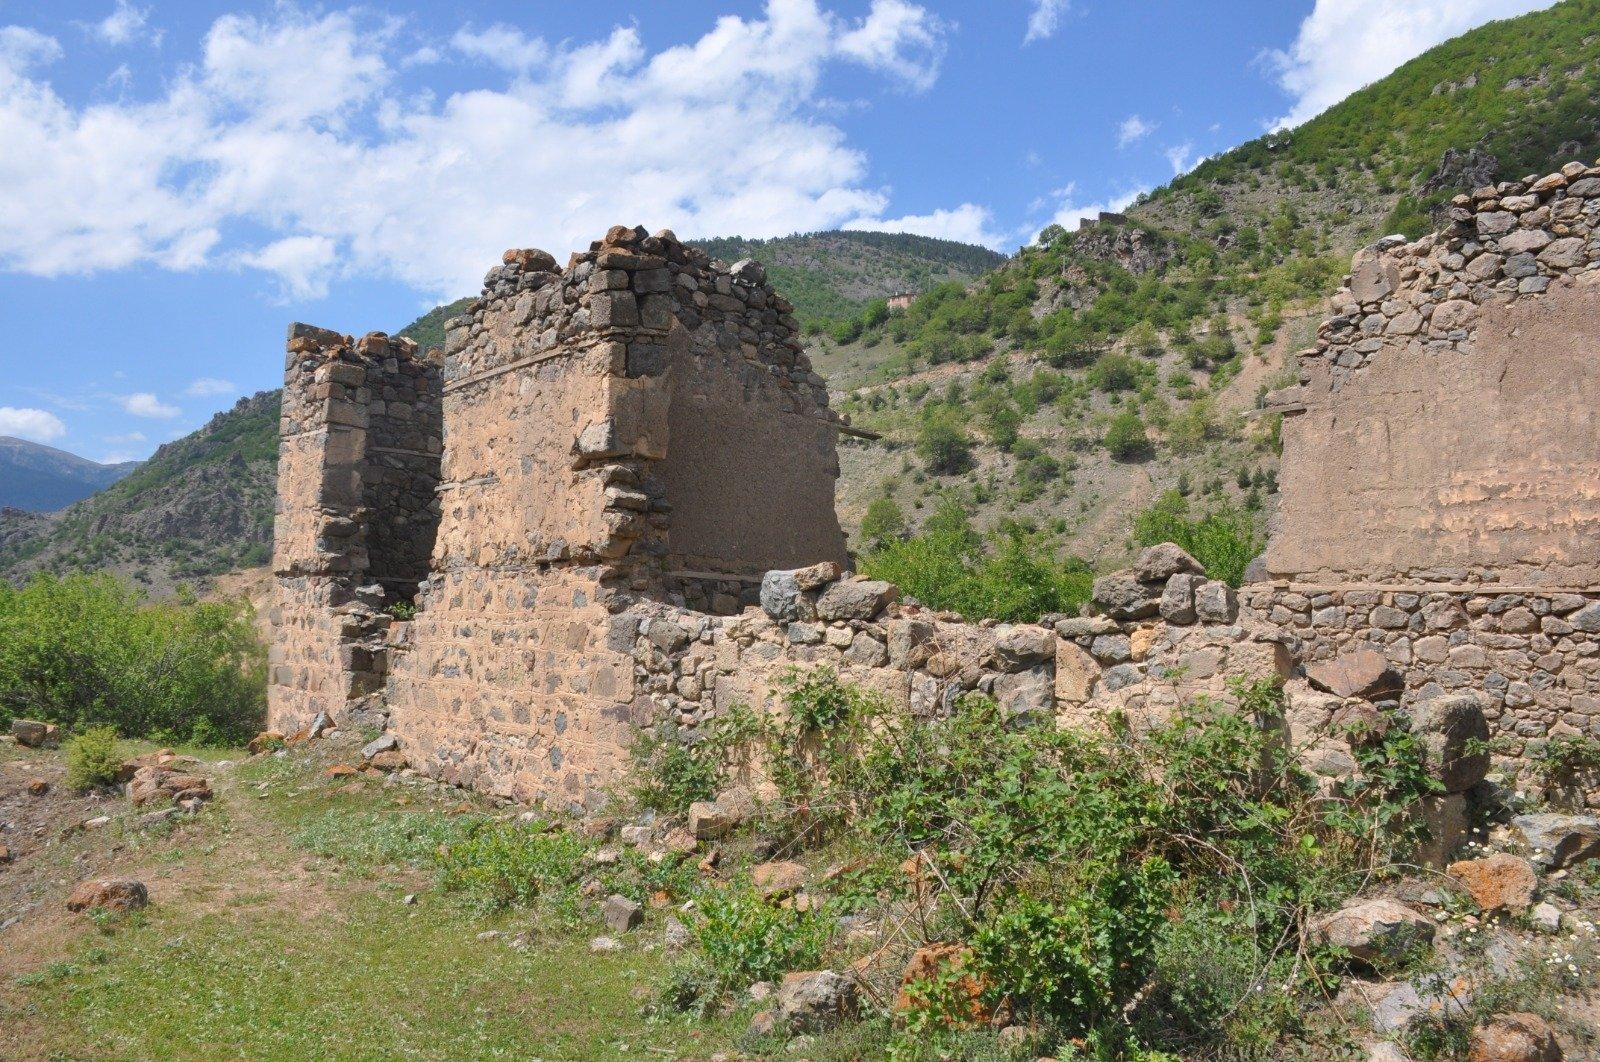 A view of the ruins of Manastır Castle, in Gümüşhane, northern Turkey, June 9, 2021. (DHA PHOTO)